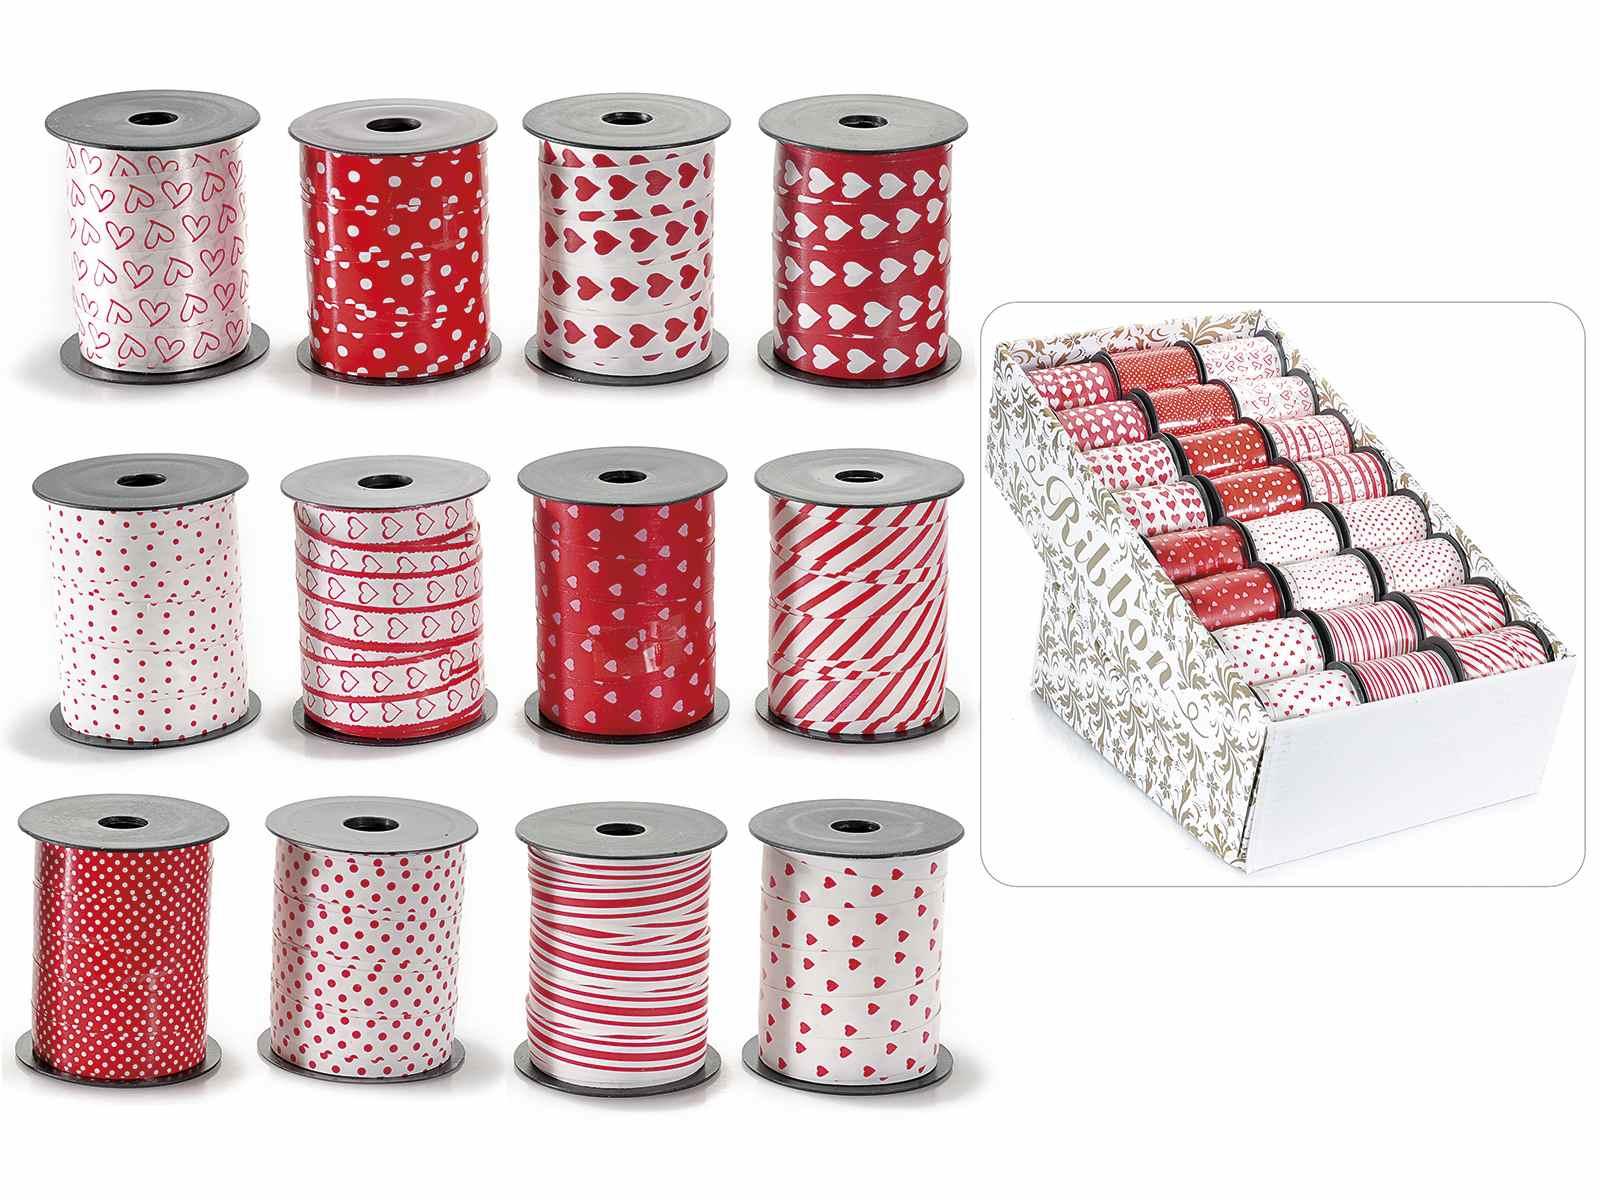 Espo 48 rotoli di nastro per pacchi regalo (54.32.75) - Art From Italy